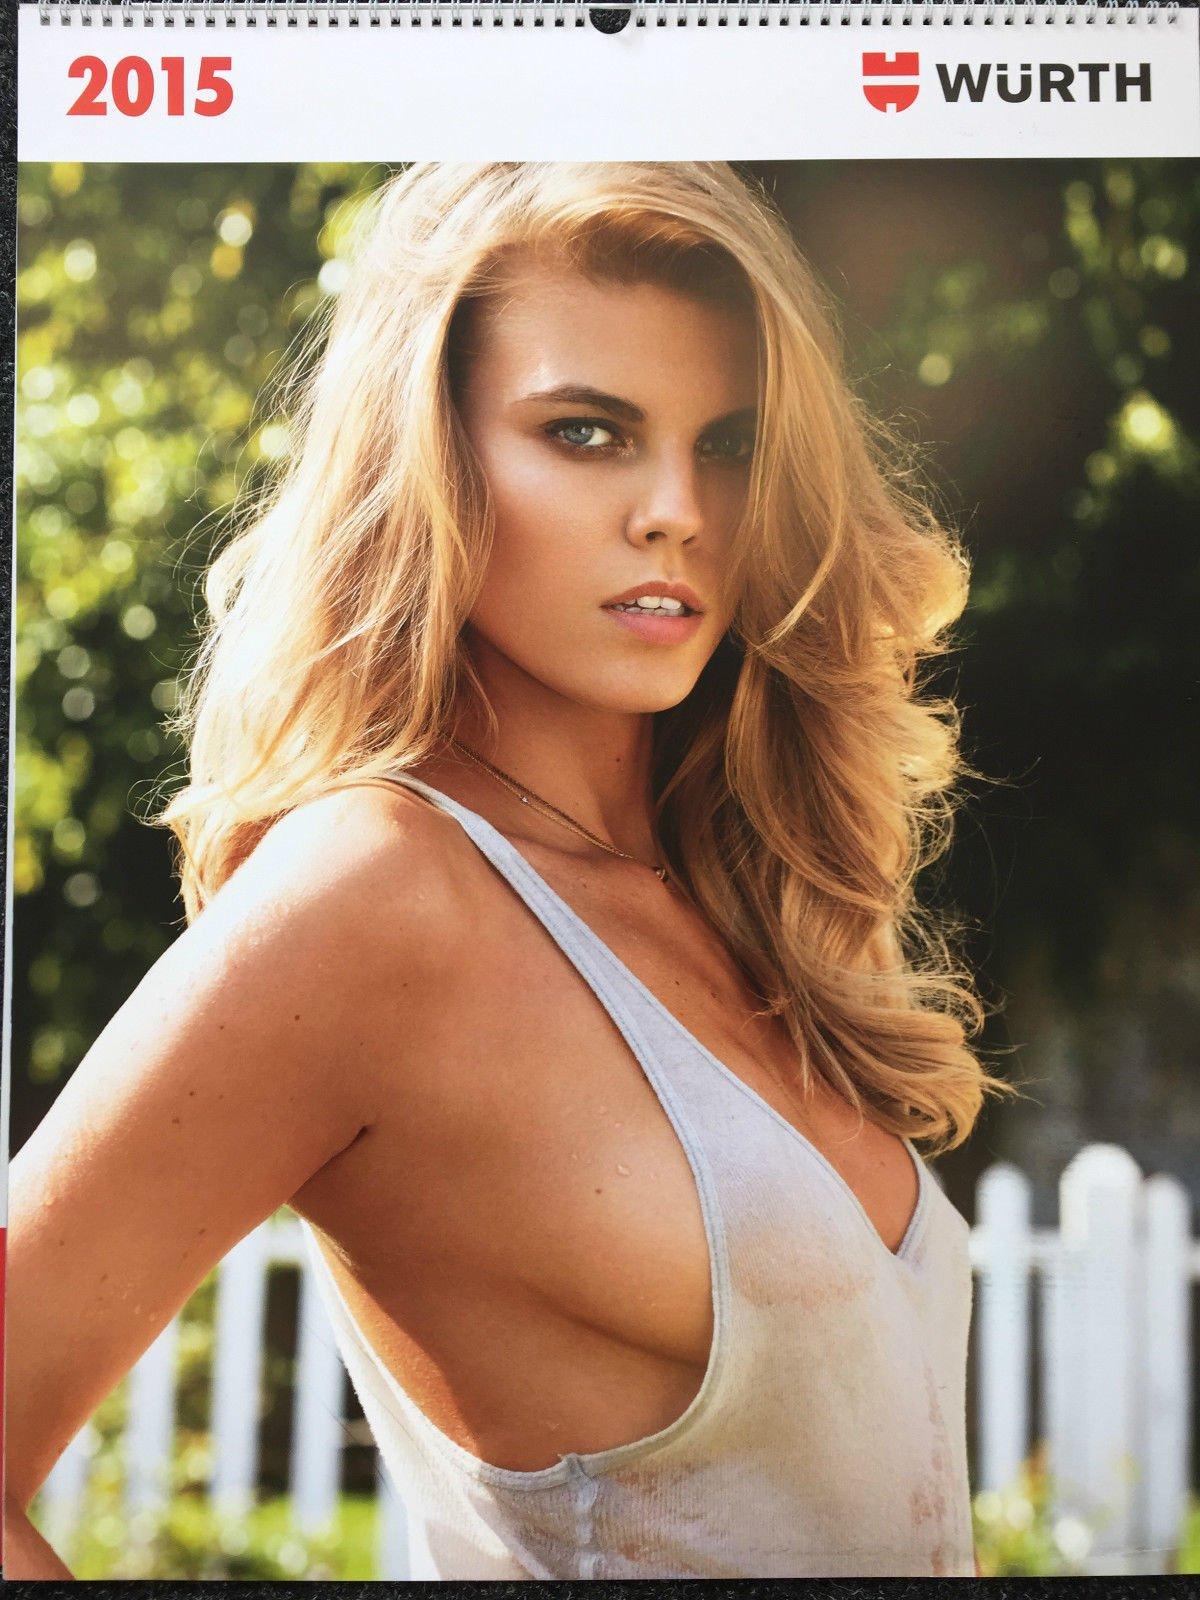 Erotica FHM Official Calendar nude photos 2019